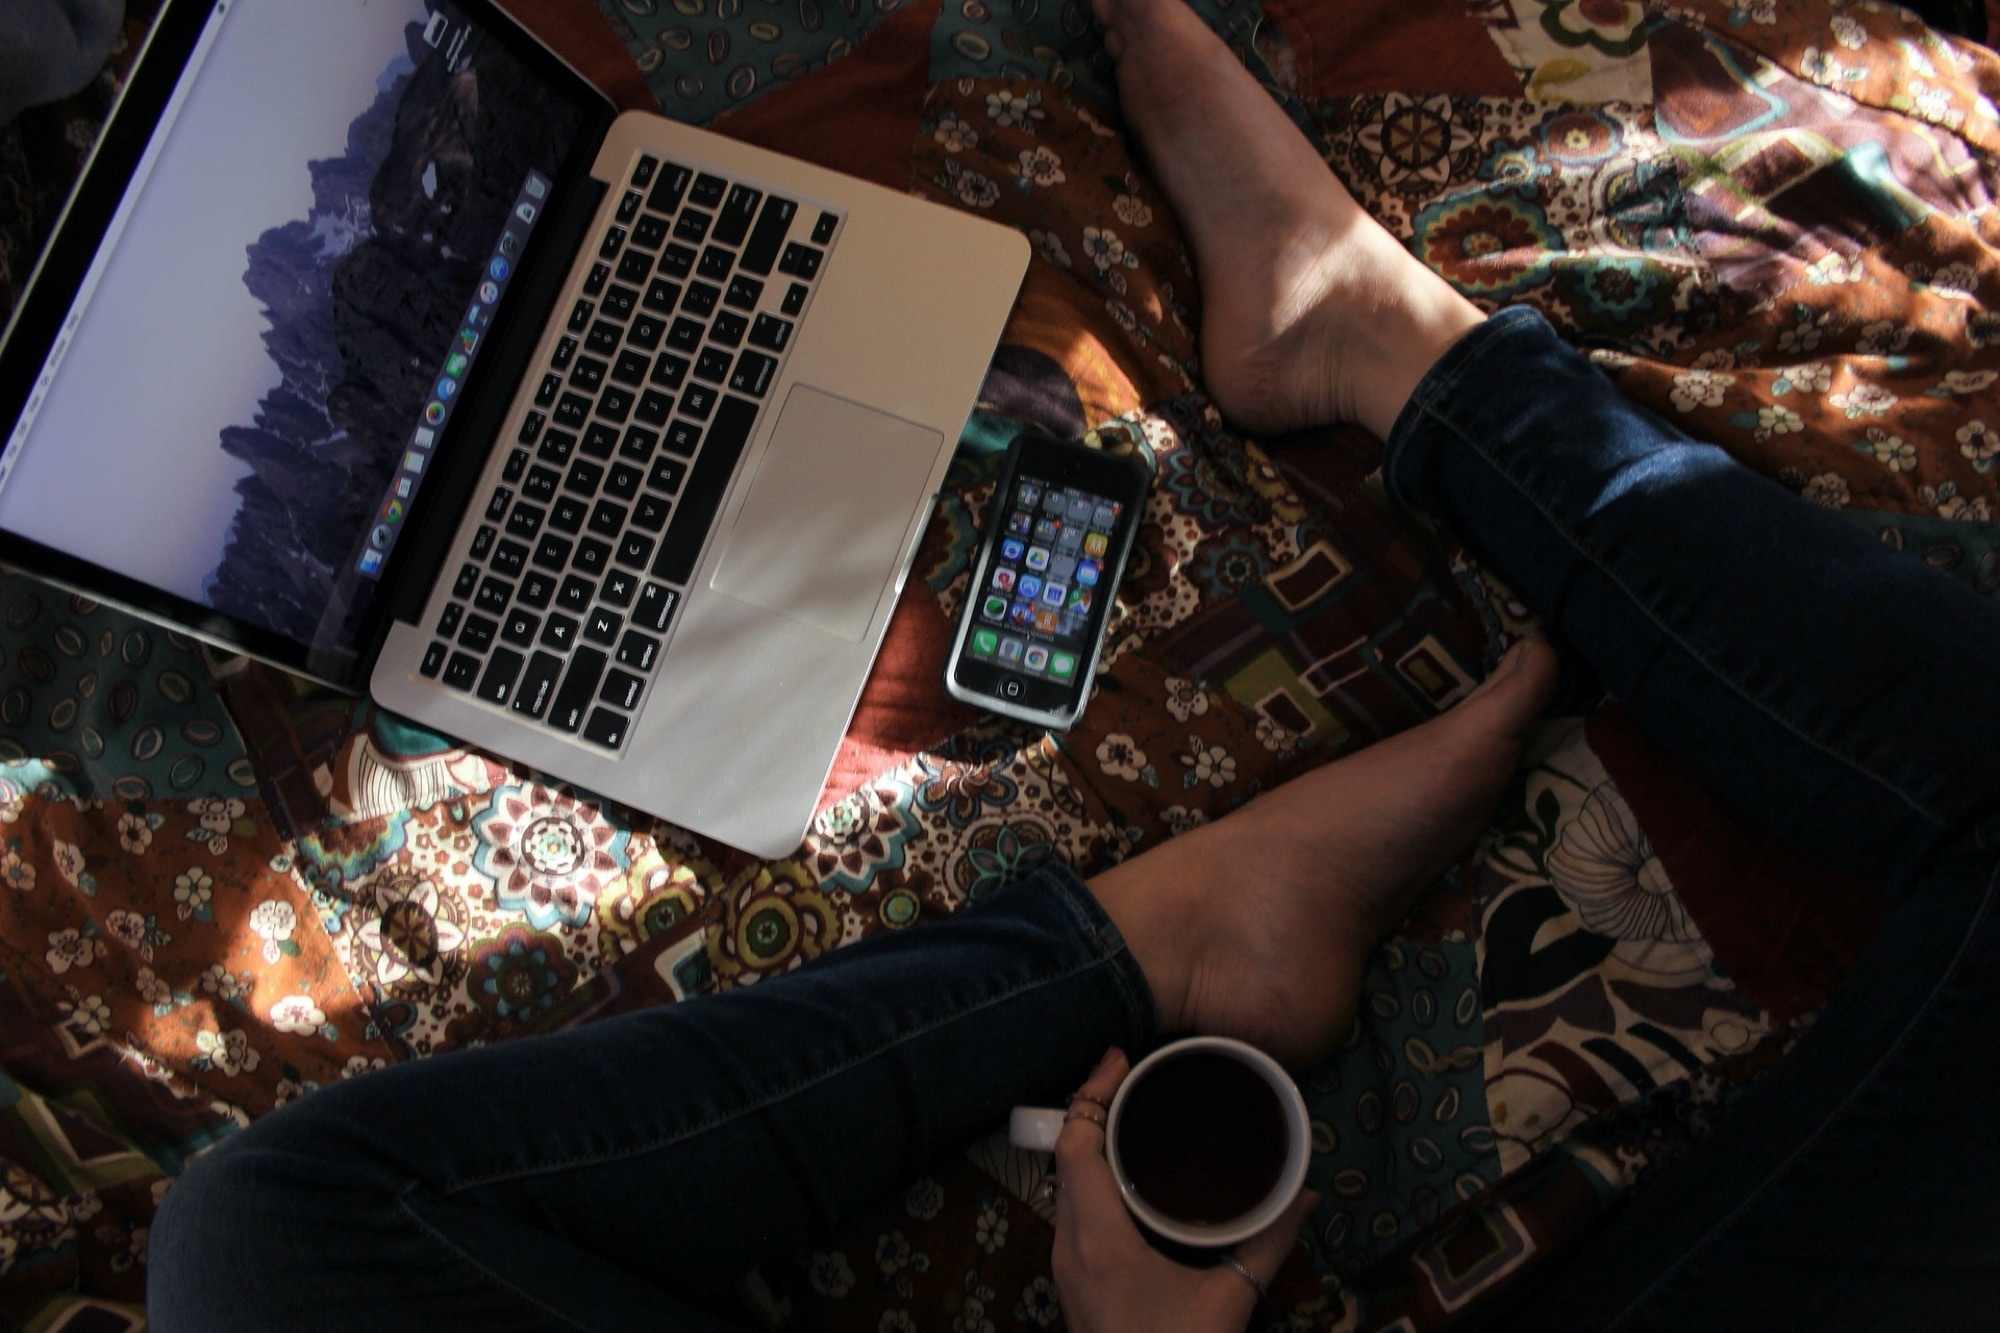 MacBook-näppäimistö - TV-sovelluksen pikanäppäimet